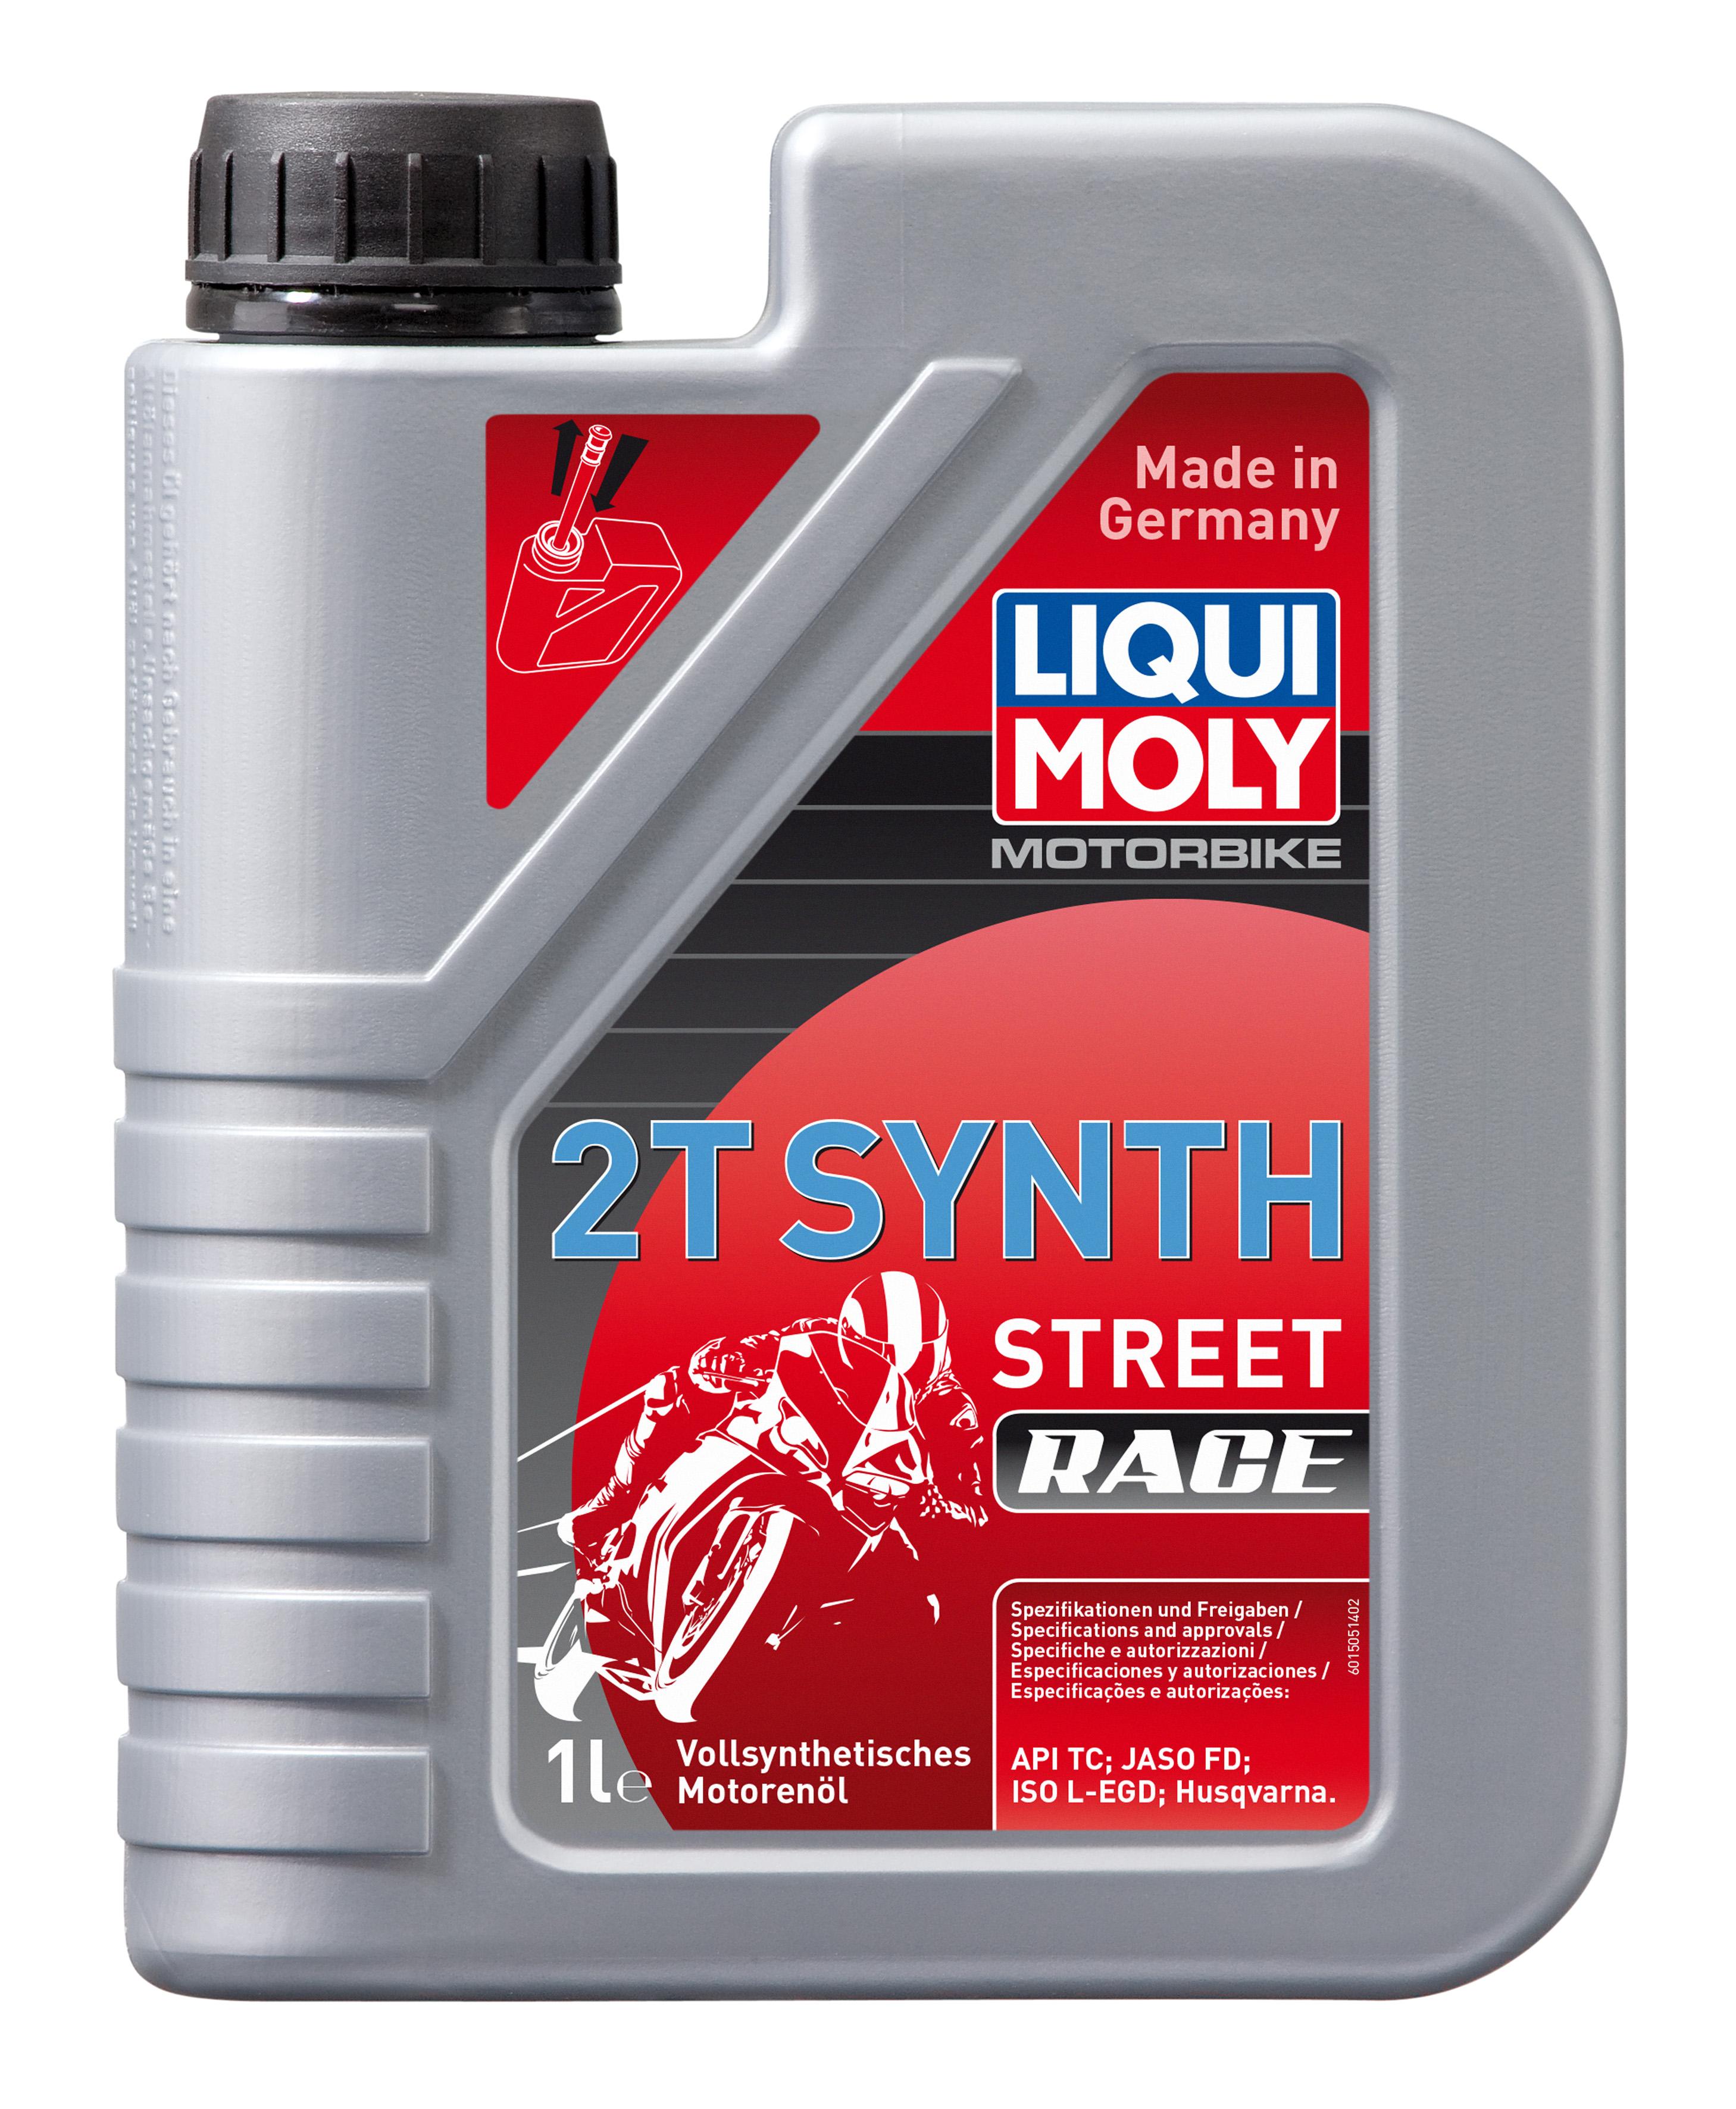 Синтетическое моторное масло для 2-тактных мотоциклов Motorbike 2T Synth Street Race